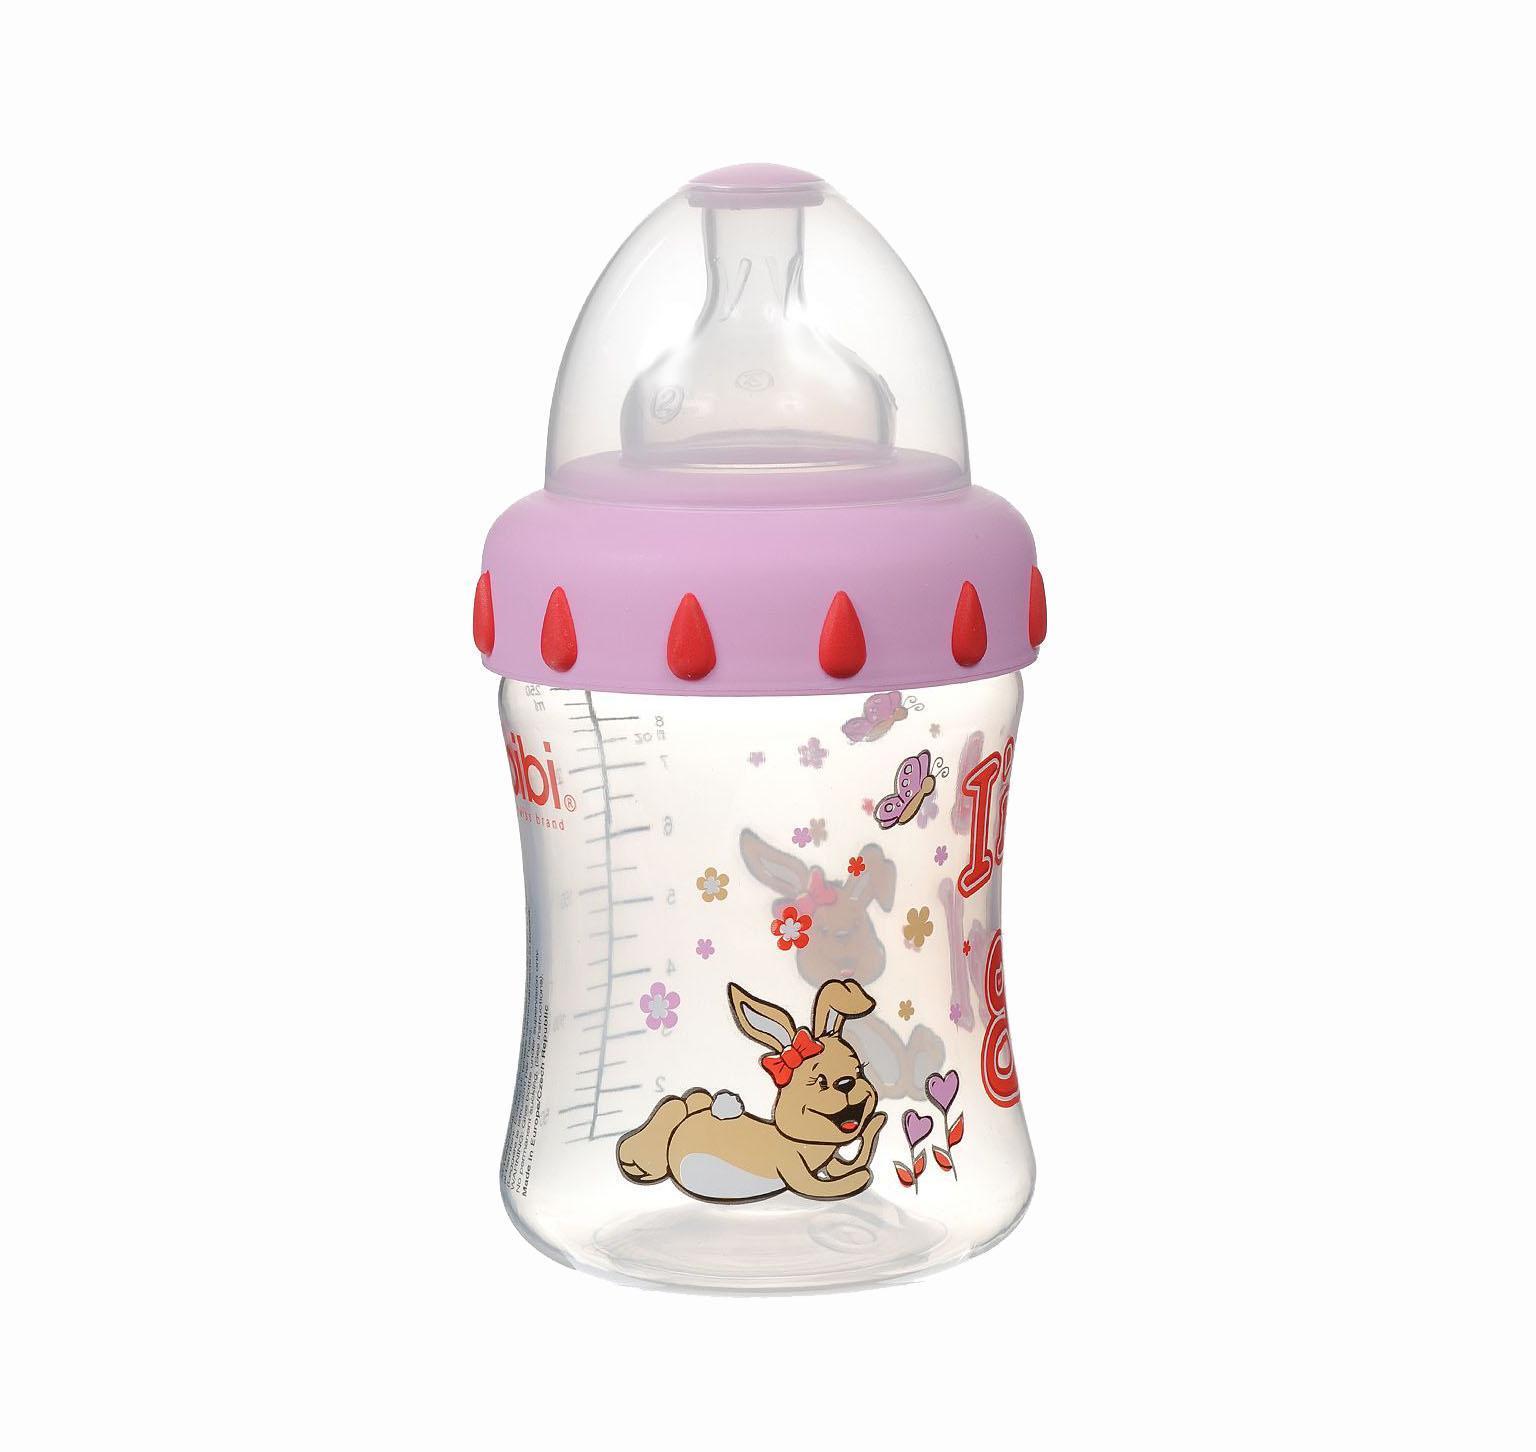 Бутылочка для кормления Bibi Little Stars, с силиконовой соской, от 0 месяцев, цвет: розовый, 250 мл107993_розовыйШвейцарская фирма Bibi производит детские бутылочки только из безопасных материалов, не содержащих Бисфенола-А. В каждой бутылочке Bibi есть антиколиковый клапан, исключающий возникновение неприятных ощущений у ребенка. Удобная форма бутылочки и съемные ручки помогают малышу держать ее в руках самостоятельно.